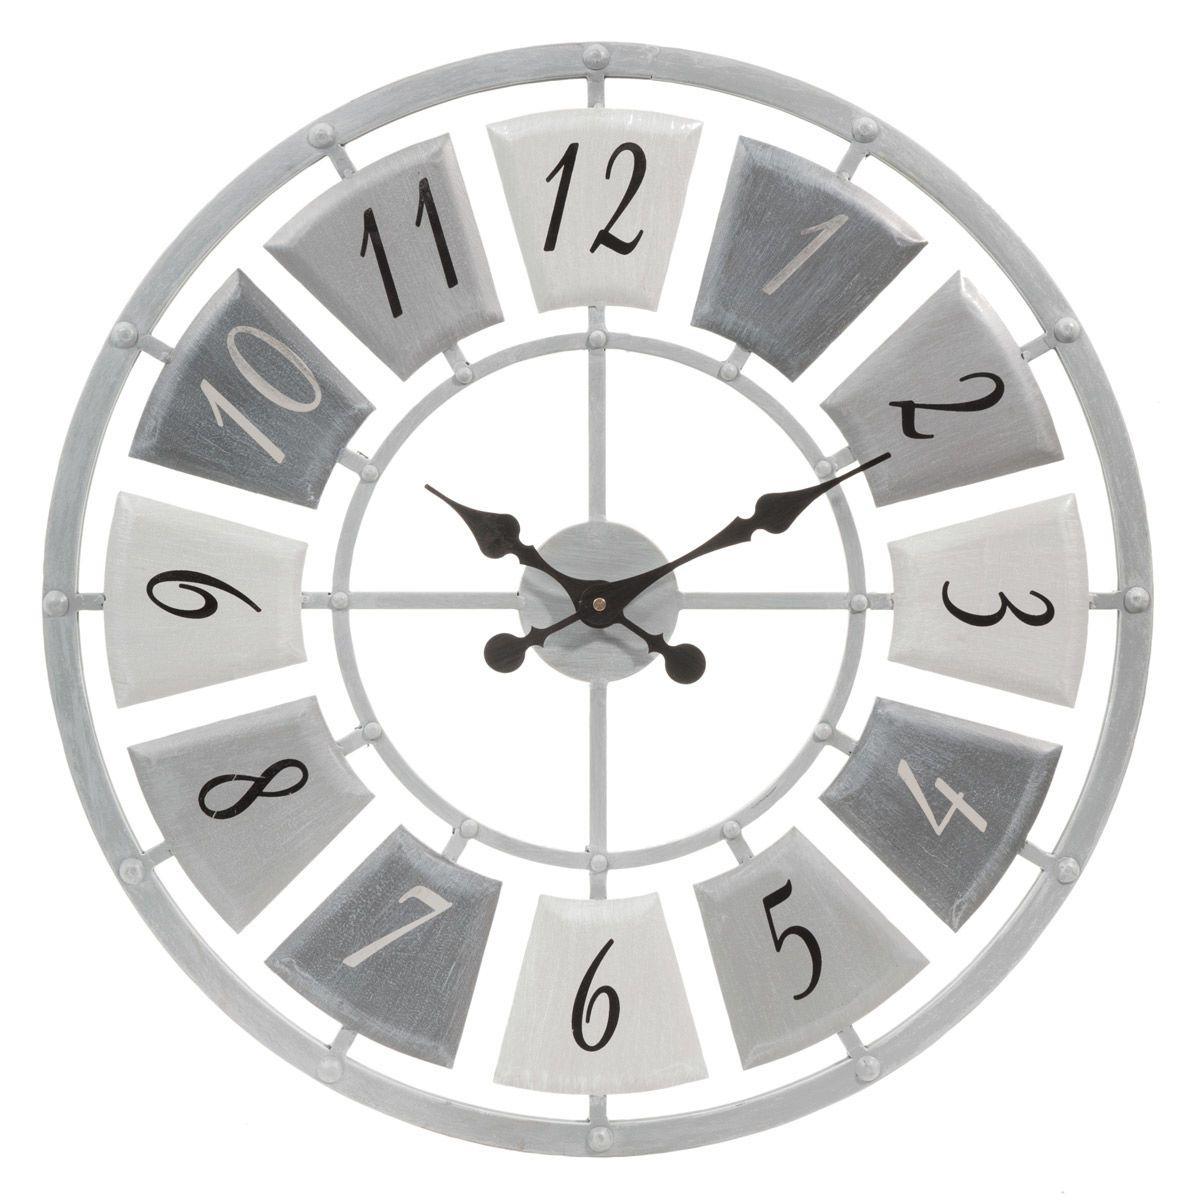 Horloge En Métal D 62 Cm Horloge Metal Horloge Et Horloge